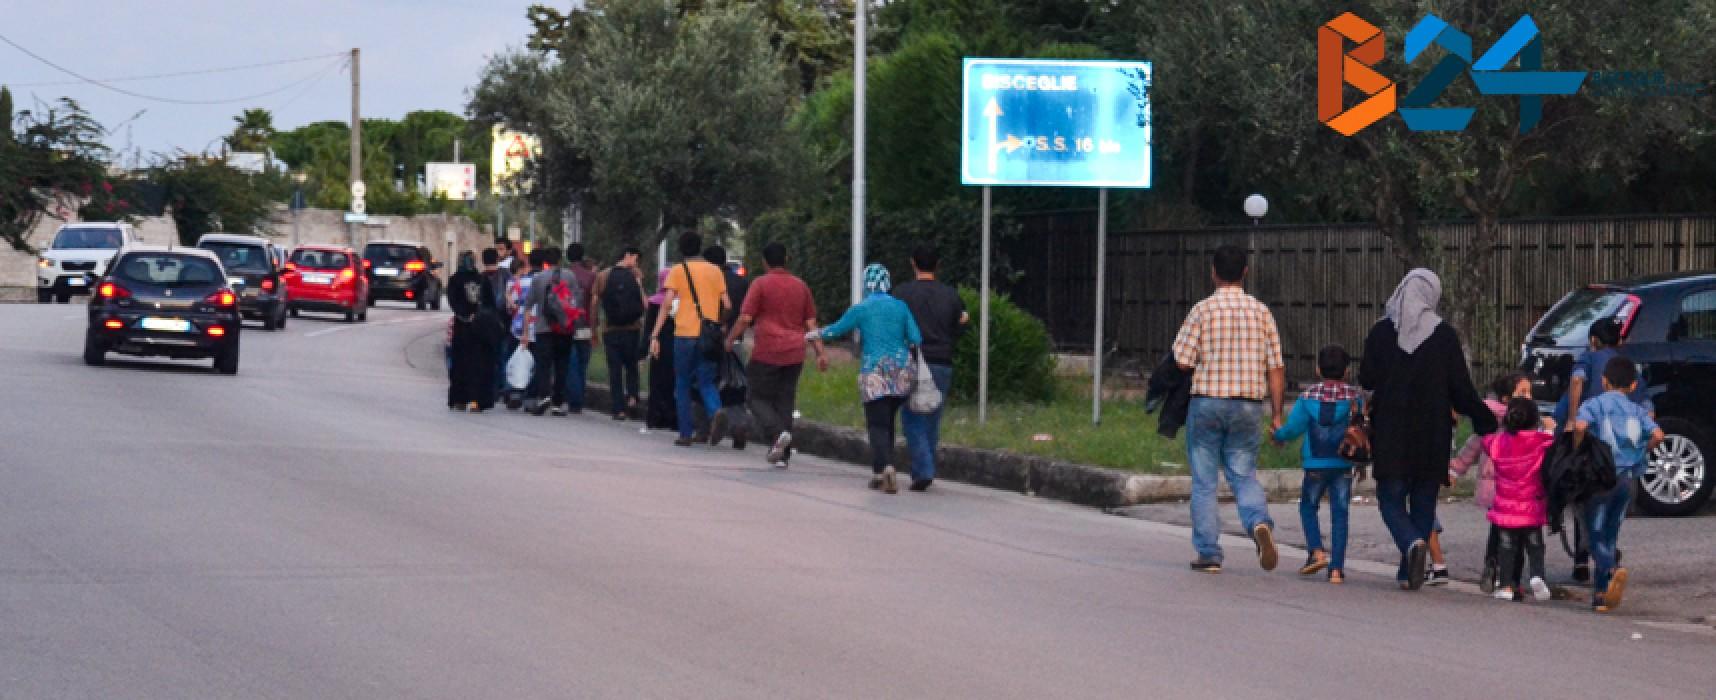 Quaranta profughi arrivati ieri a villa San Giuseppe, alcuni hanno rifiutato e sono andati via / FOTO